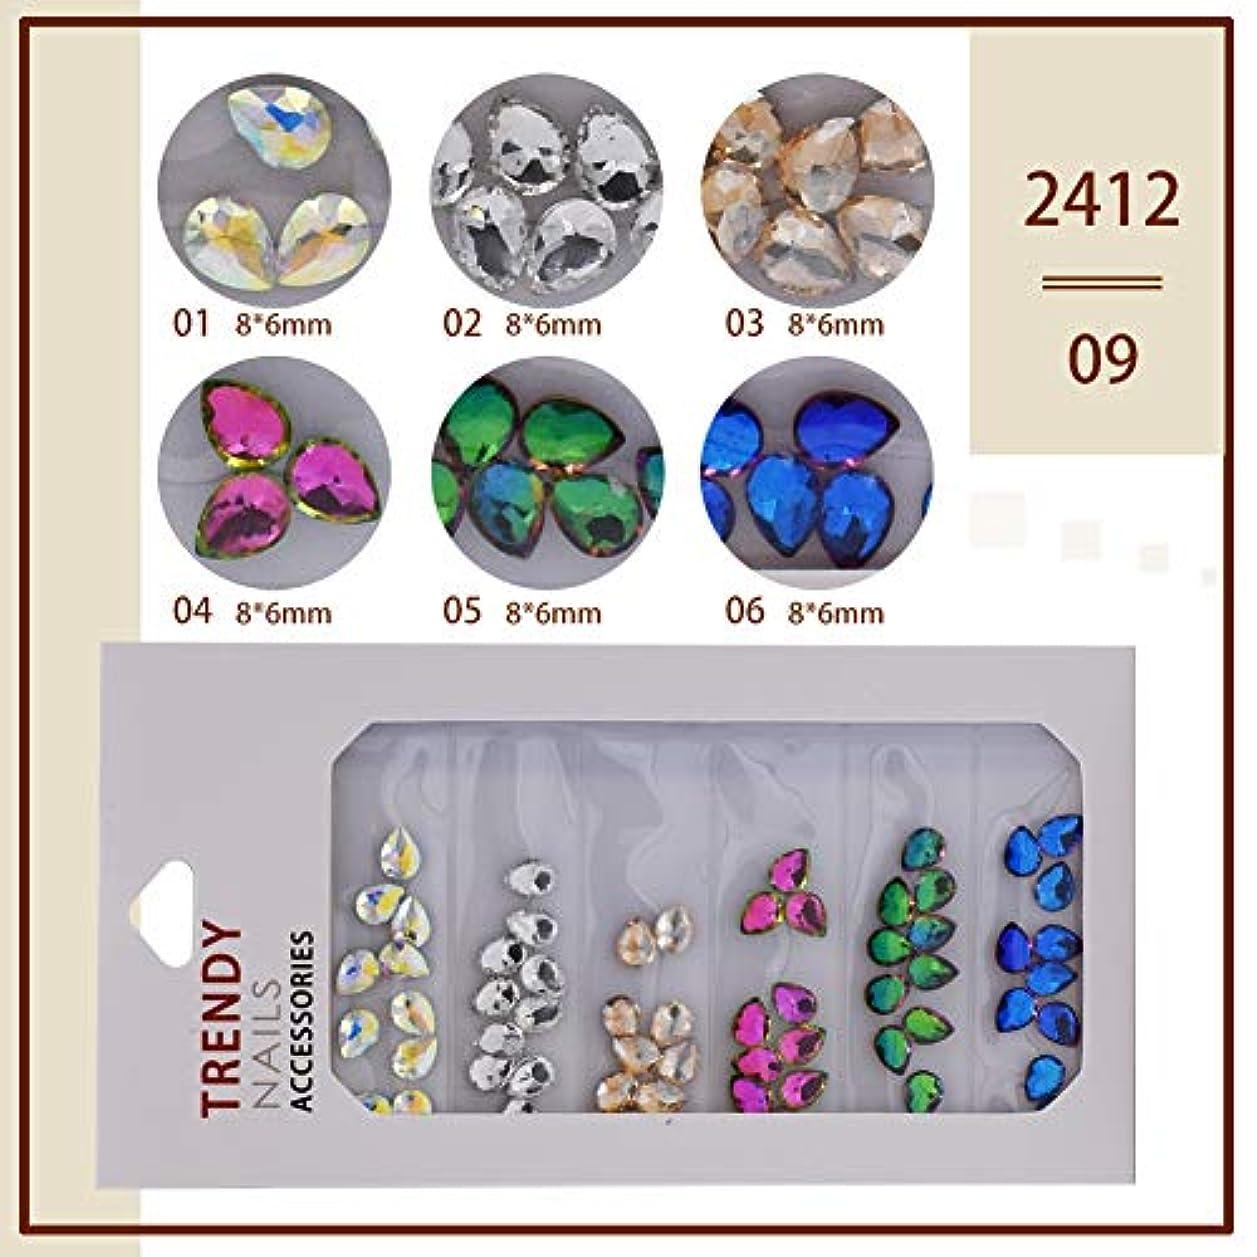 迷路カリキュラム光景メーリンドス 3Dネイルアートデザイン ネイルストーンクリスタルビジューパーツ カラフルネイルパーツ レジン用ジェルネイル プロデコレーション宝石ストーン 6種選択可能 (2412-09)